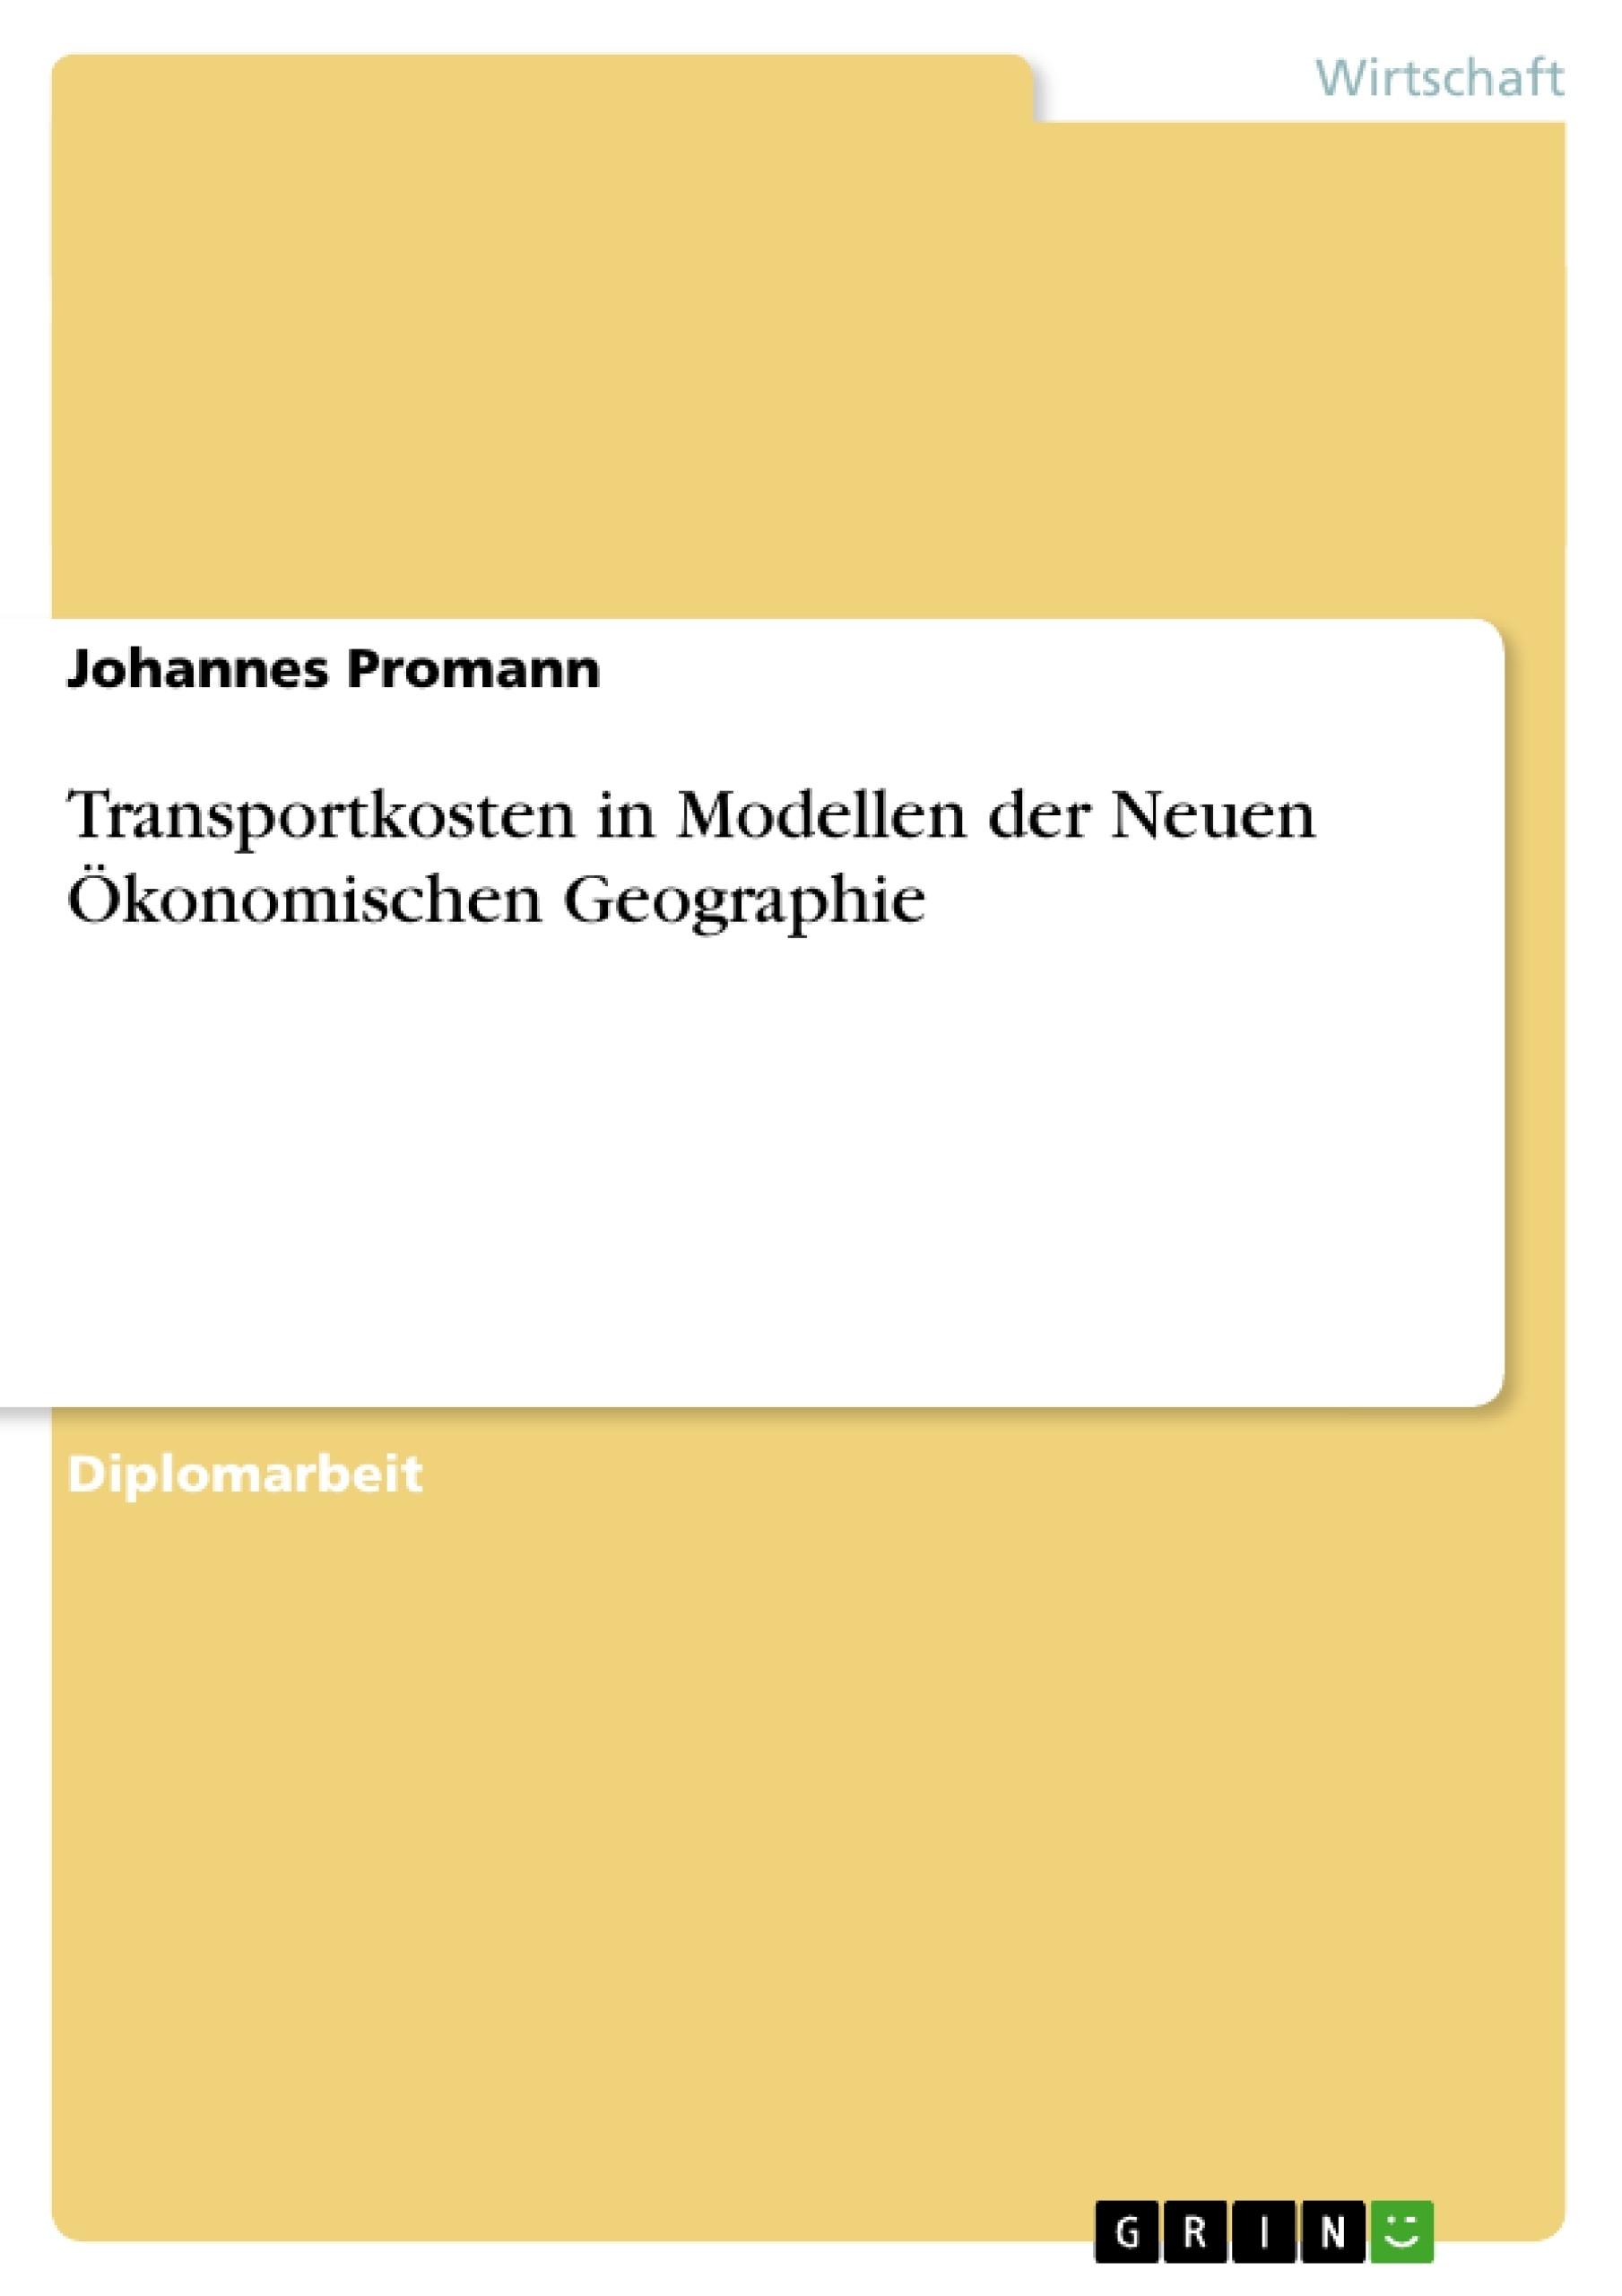 Titel: Transportkosten in Modellen der Neuen Ökonomischen Geographie